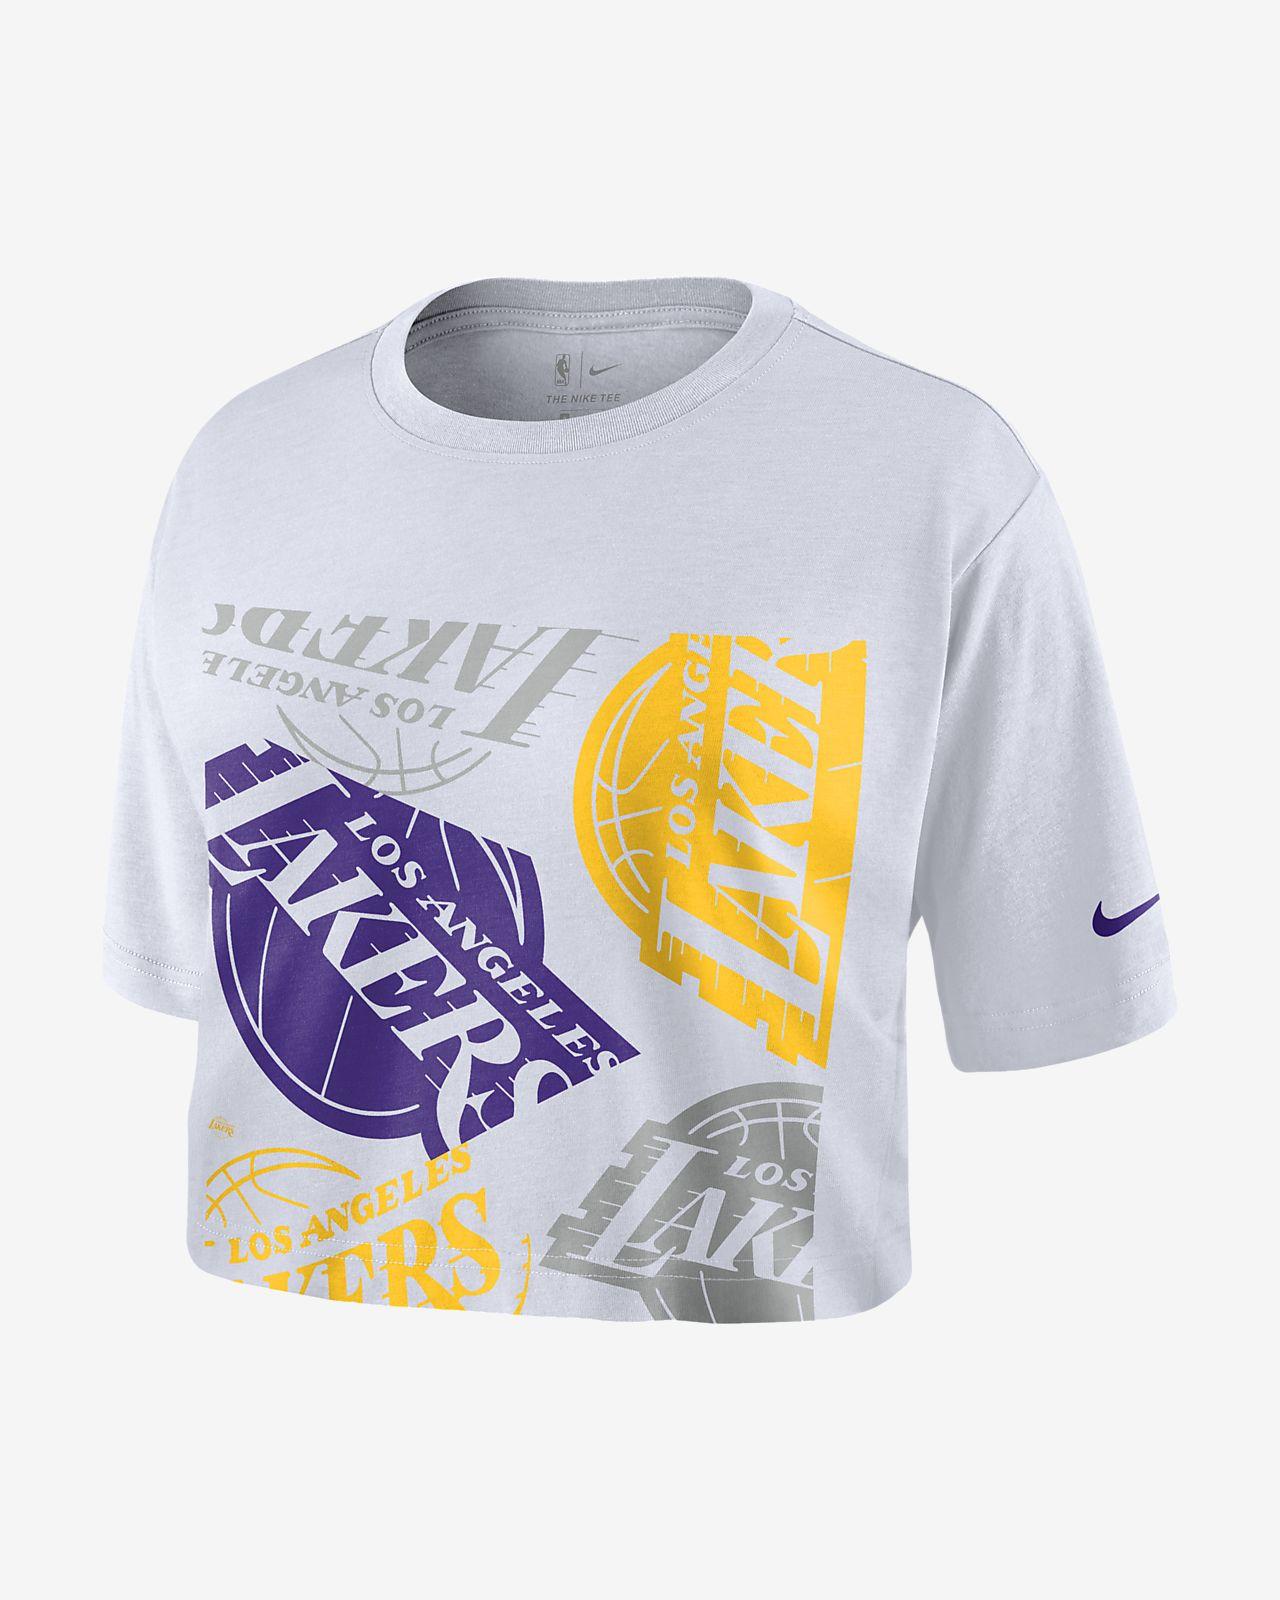 洛杉矶湖人队 Logo Nike NBA 女子短款T恤